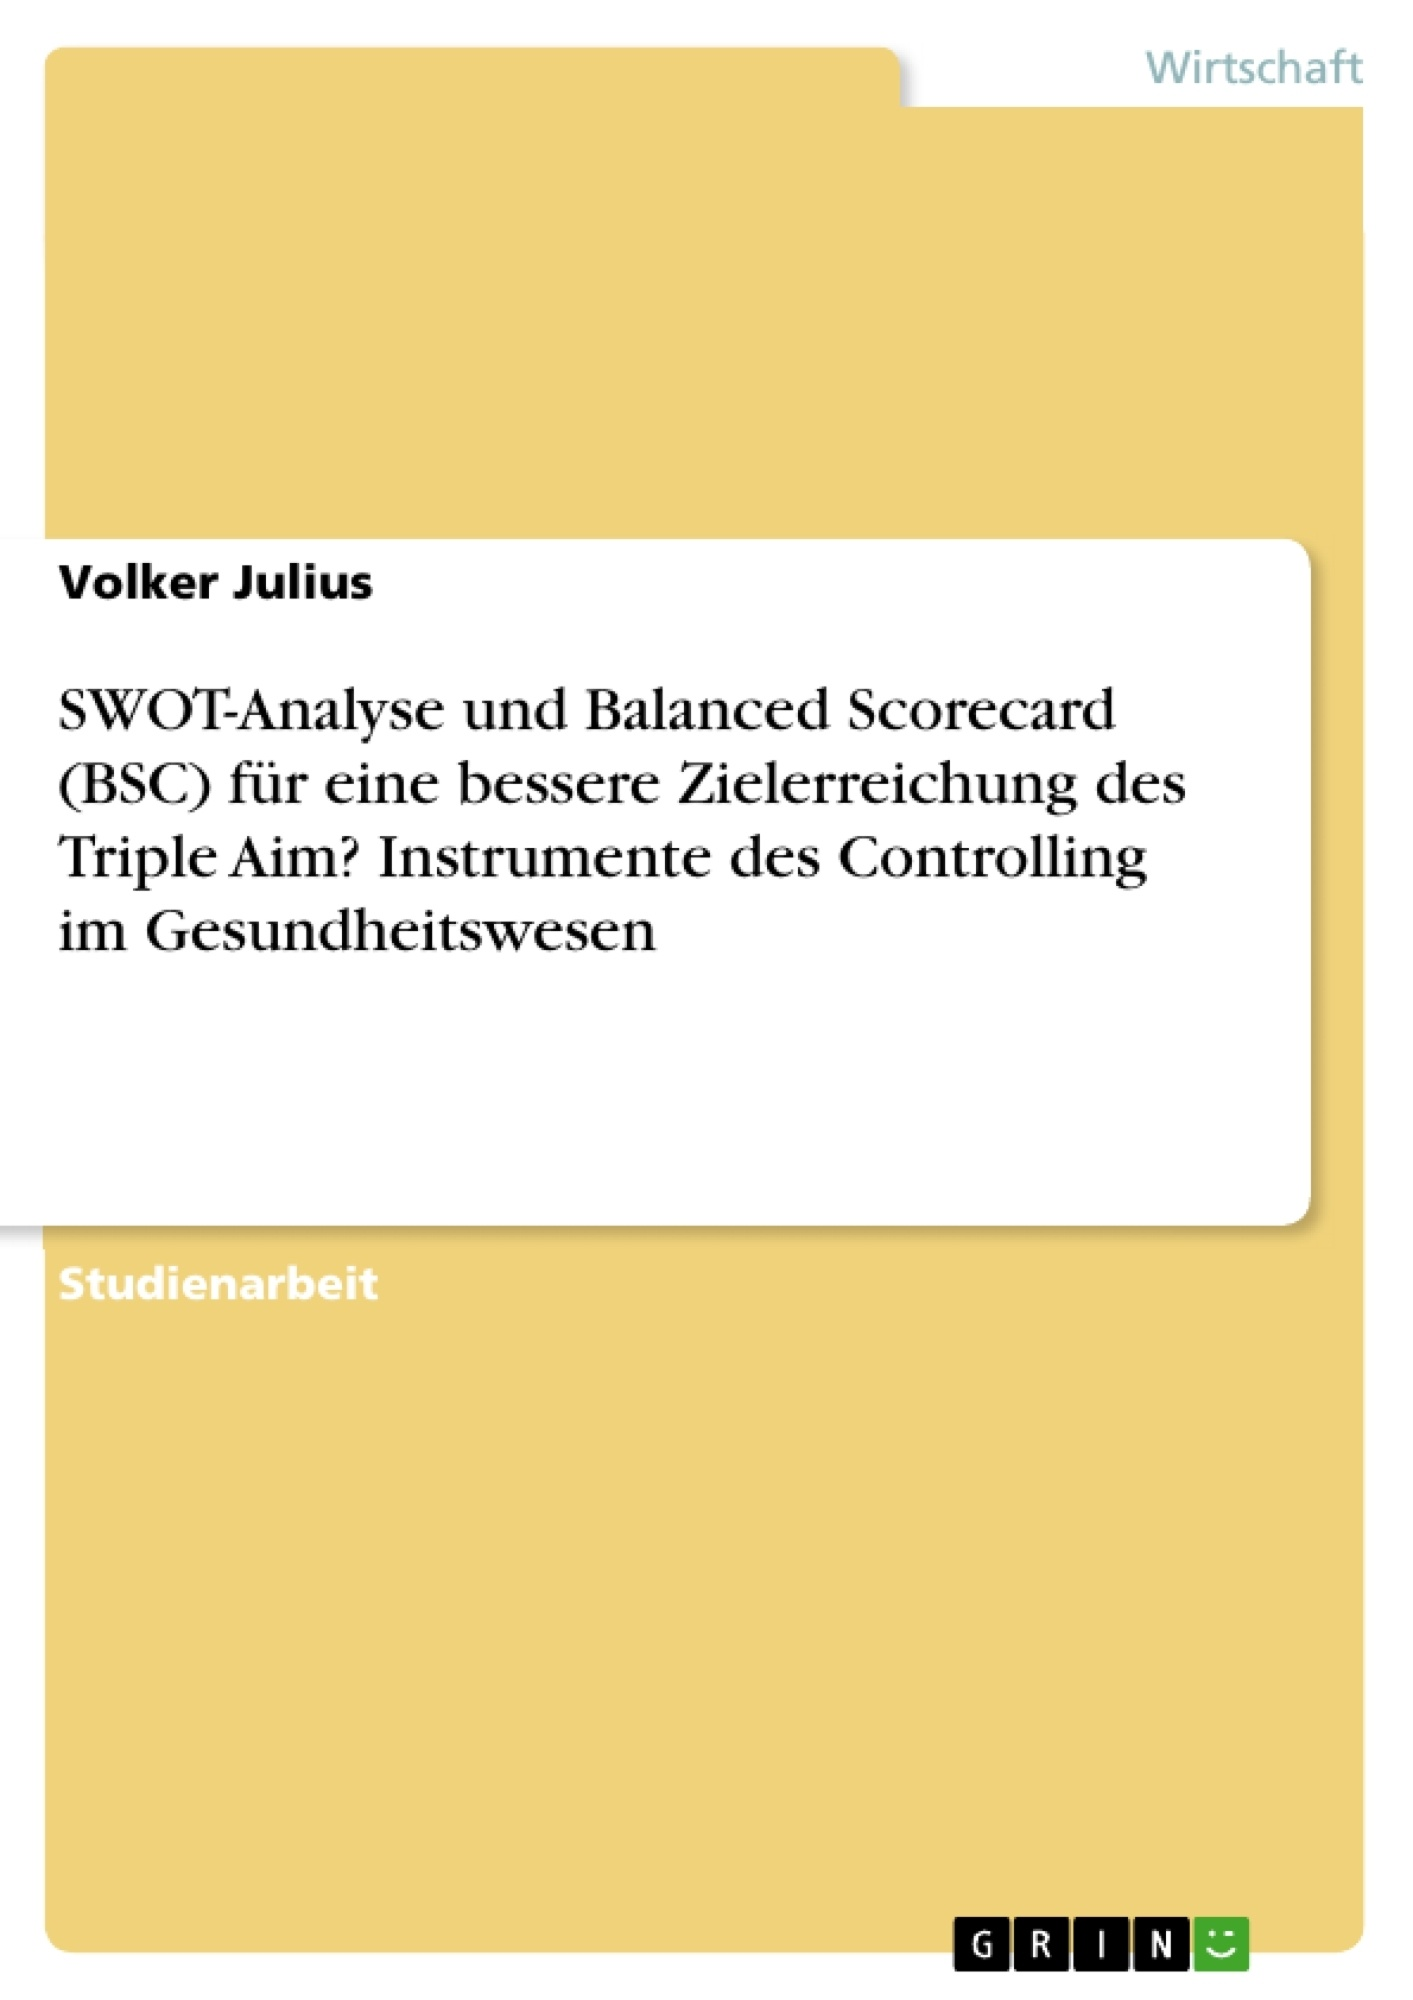 Titel: SWOT-Analyse und Balanced Scorecard (BSC) für eine bessere Zielerreichung des Triple Aim? Instrumente des Controlling im Gesundheitswesen